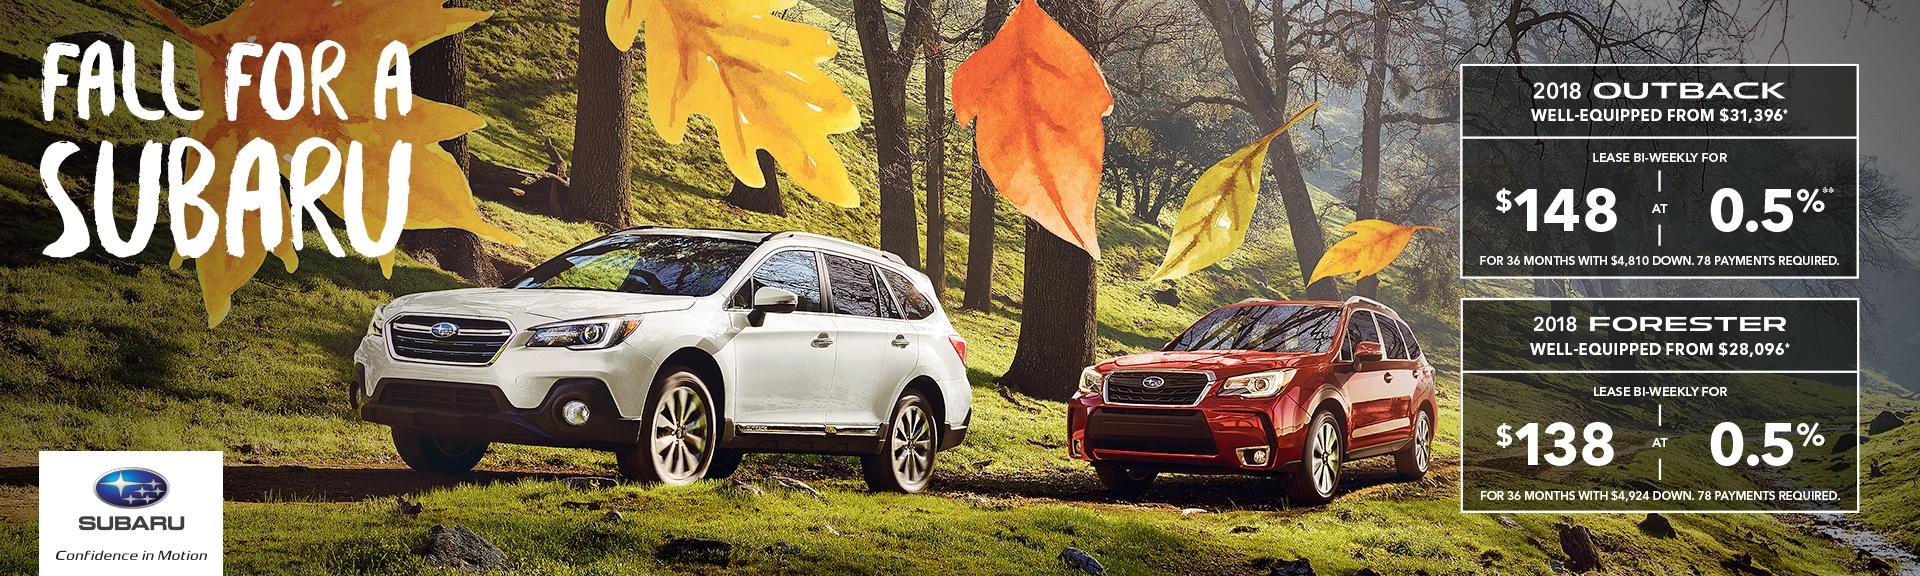 Fall For A Subaru